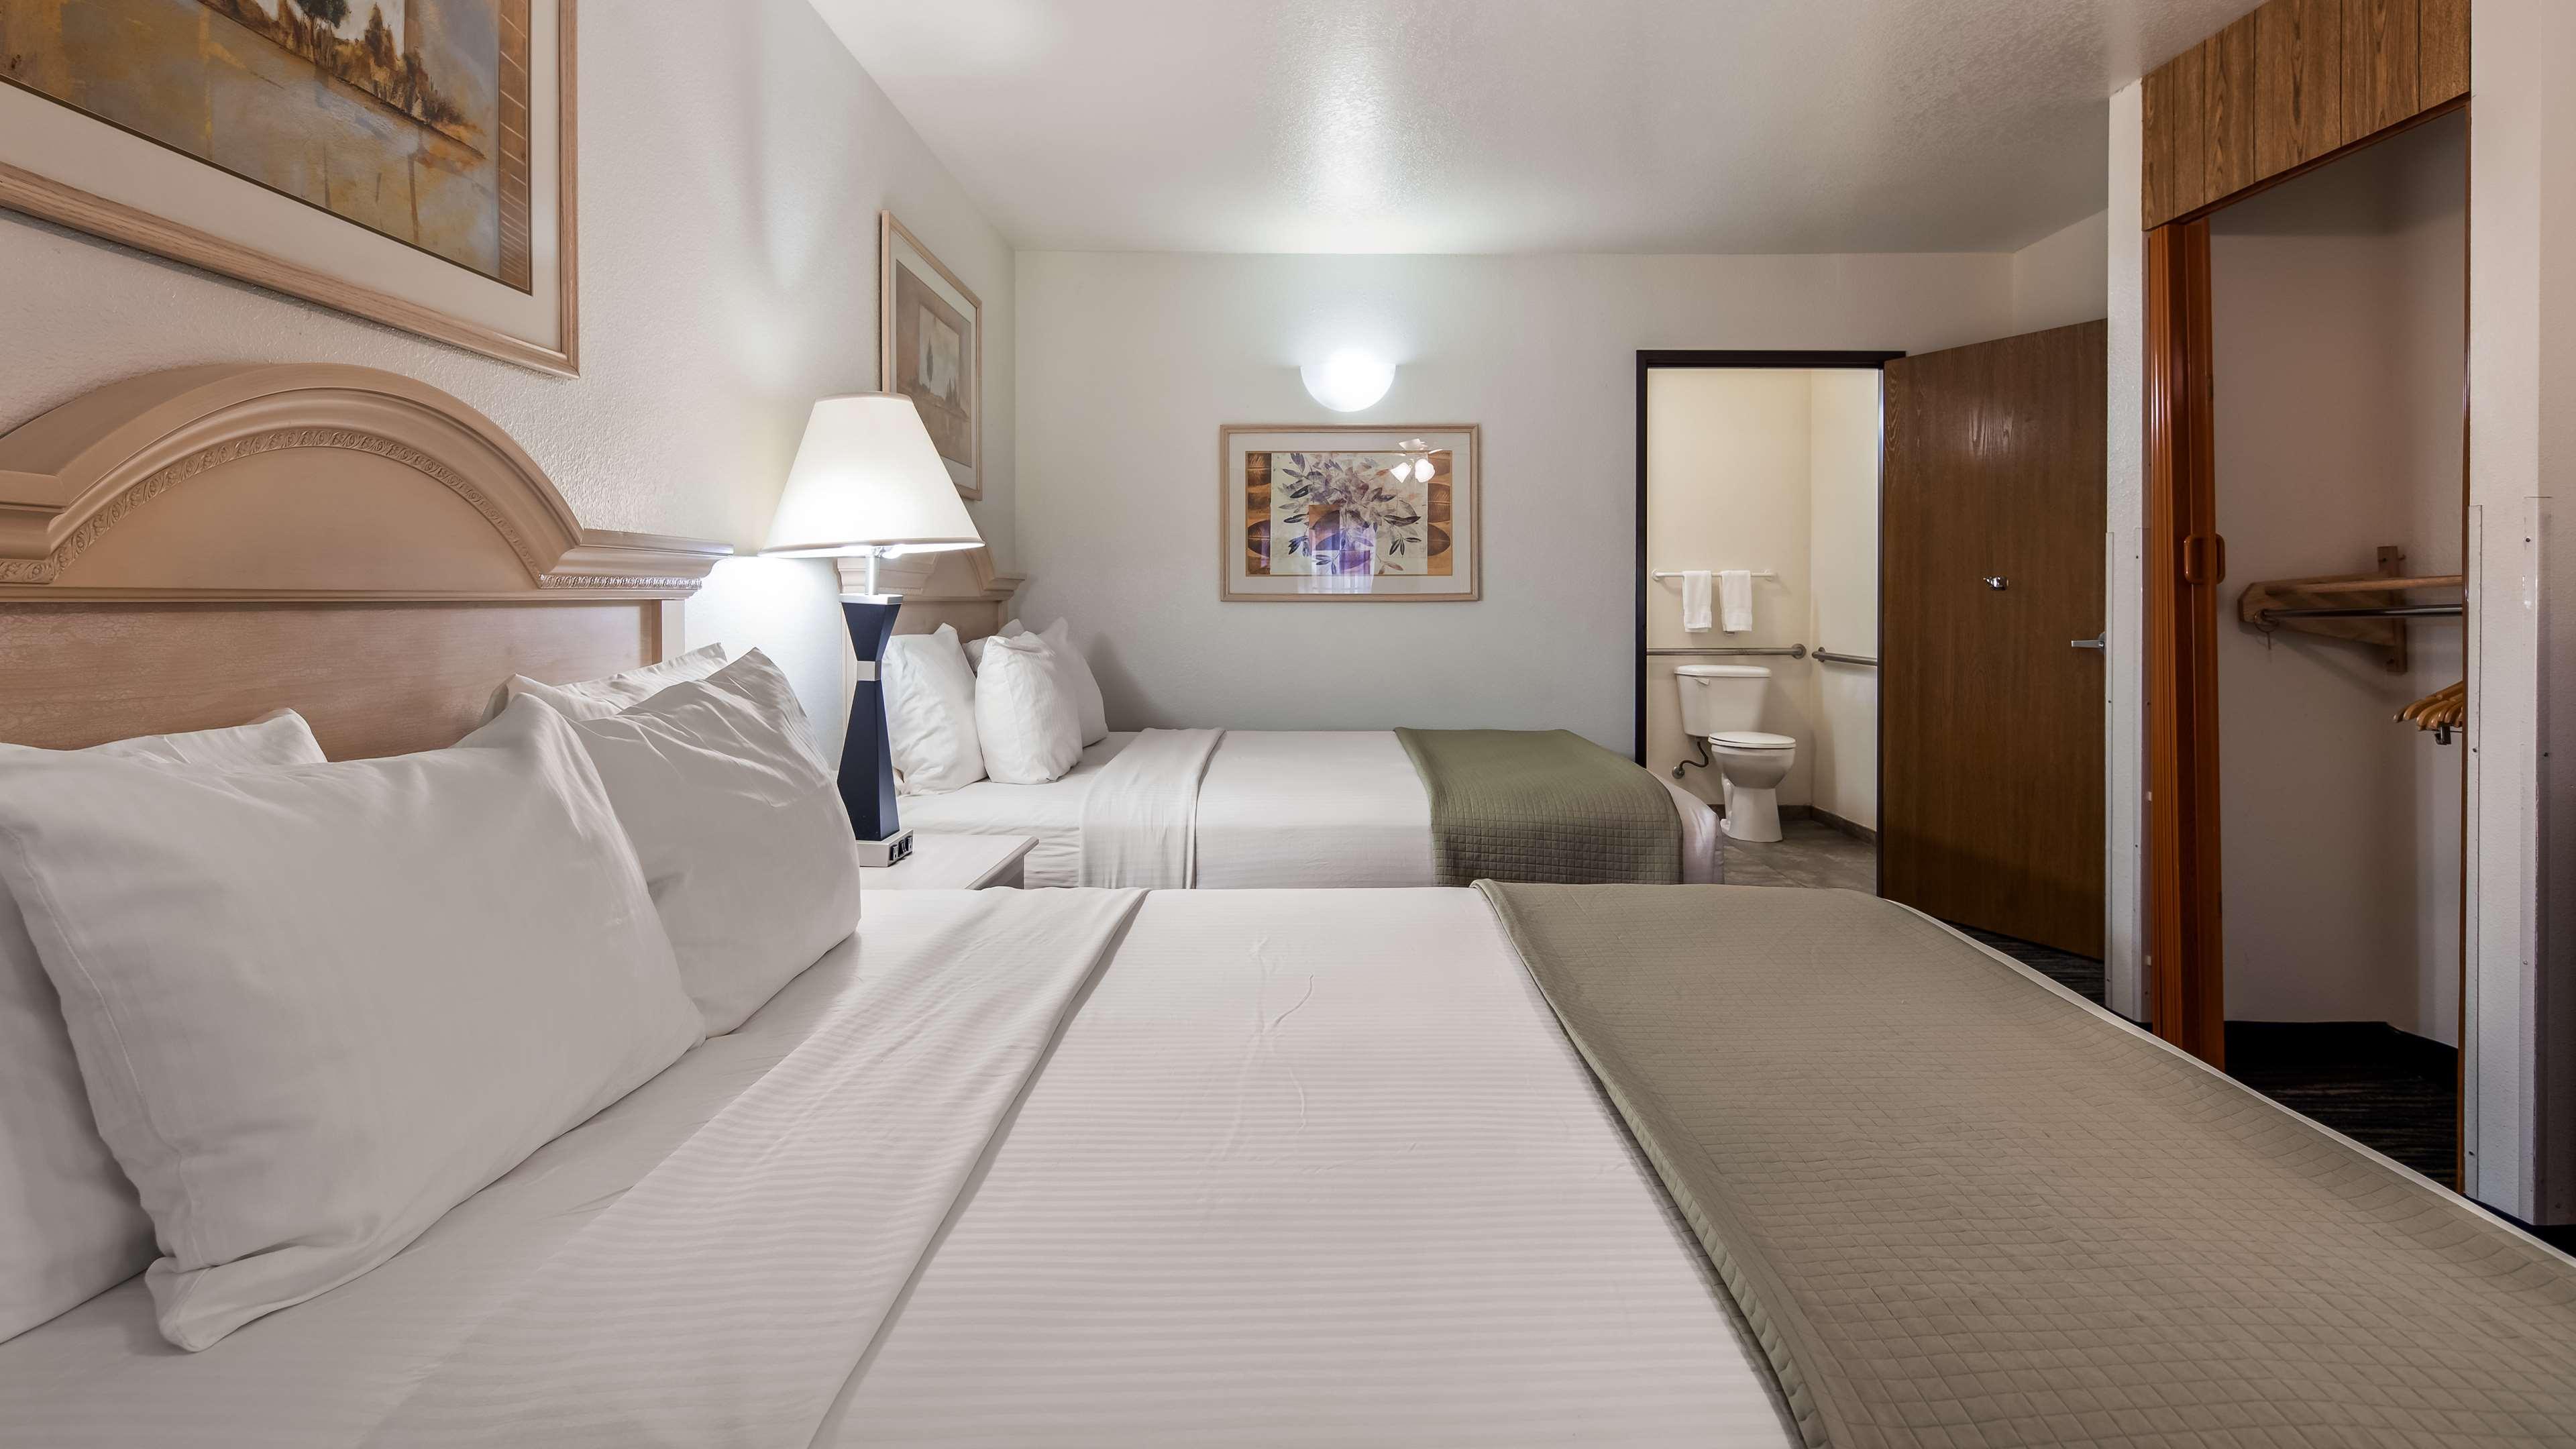 SureStay Hotel by Best Western Falfurrias image 7